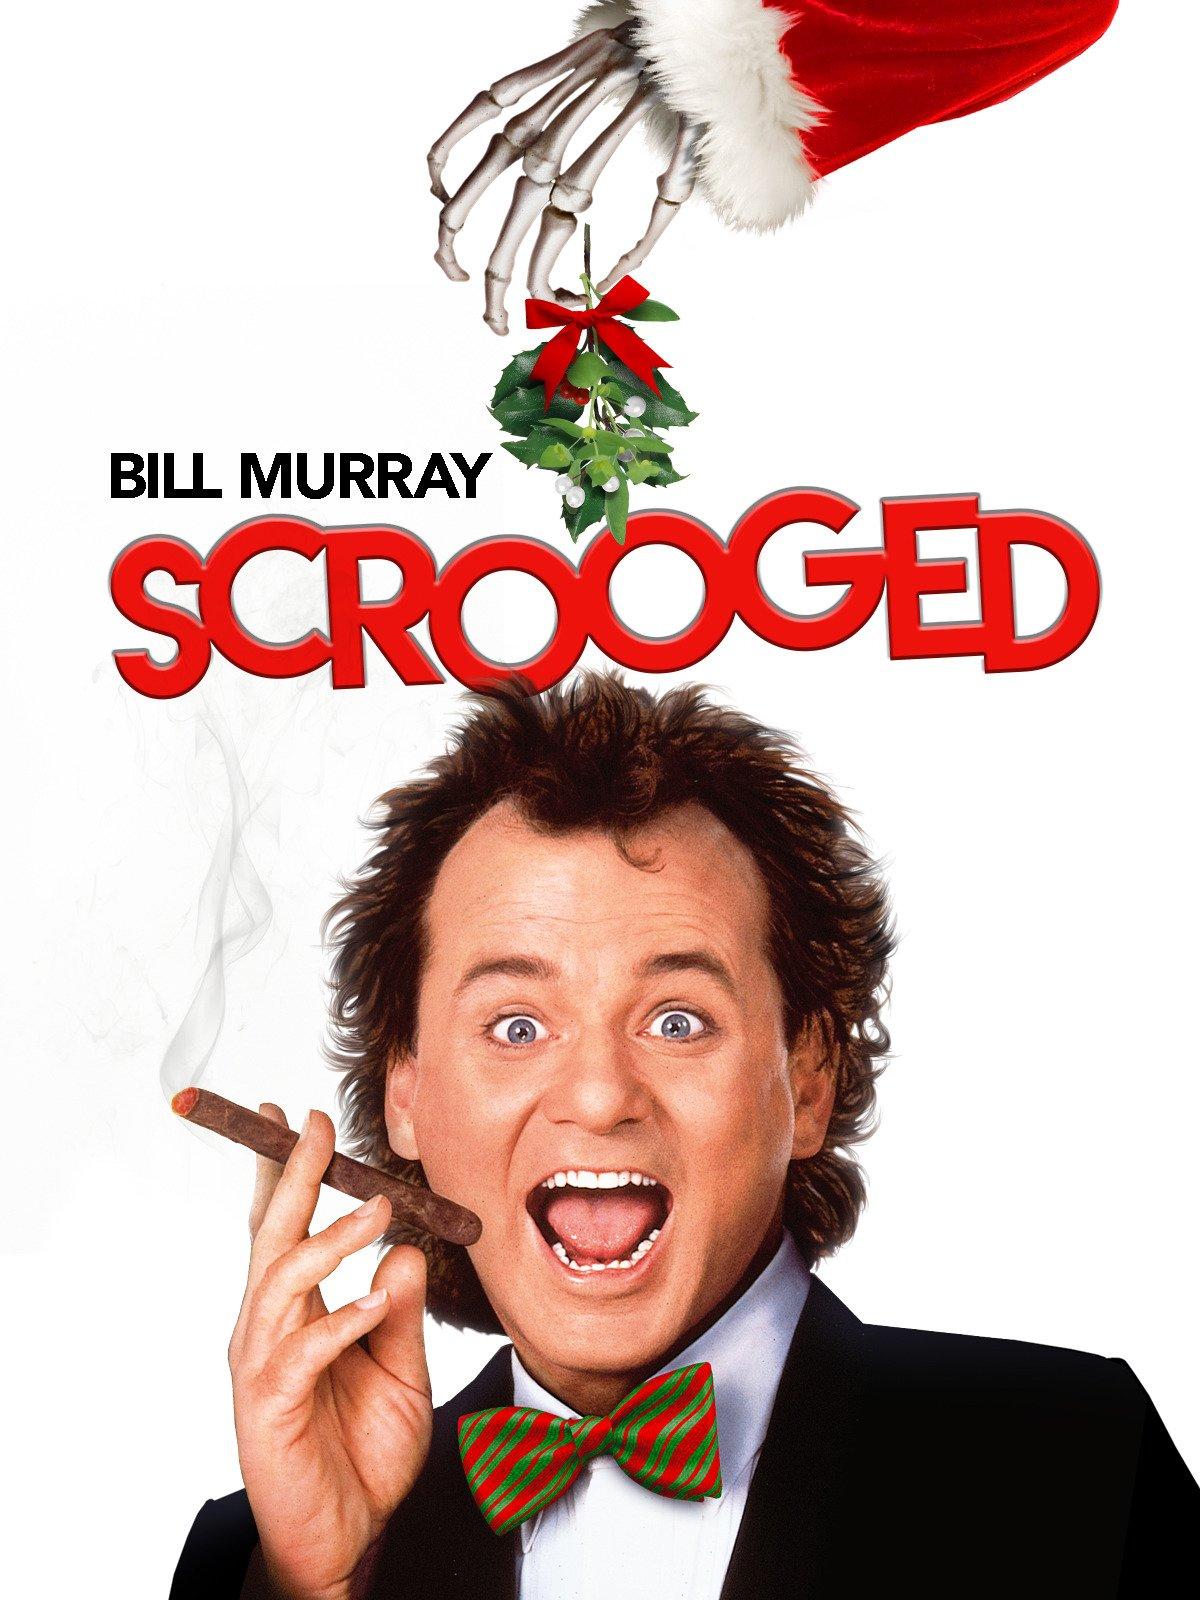 Amazon.com: Scrooged: Bill Murray, Karen Allen, John Forsythe, John ...